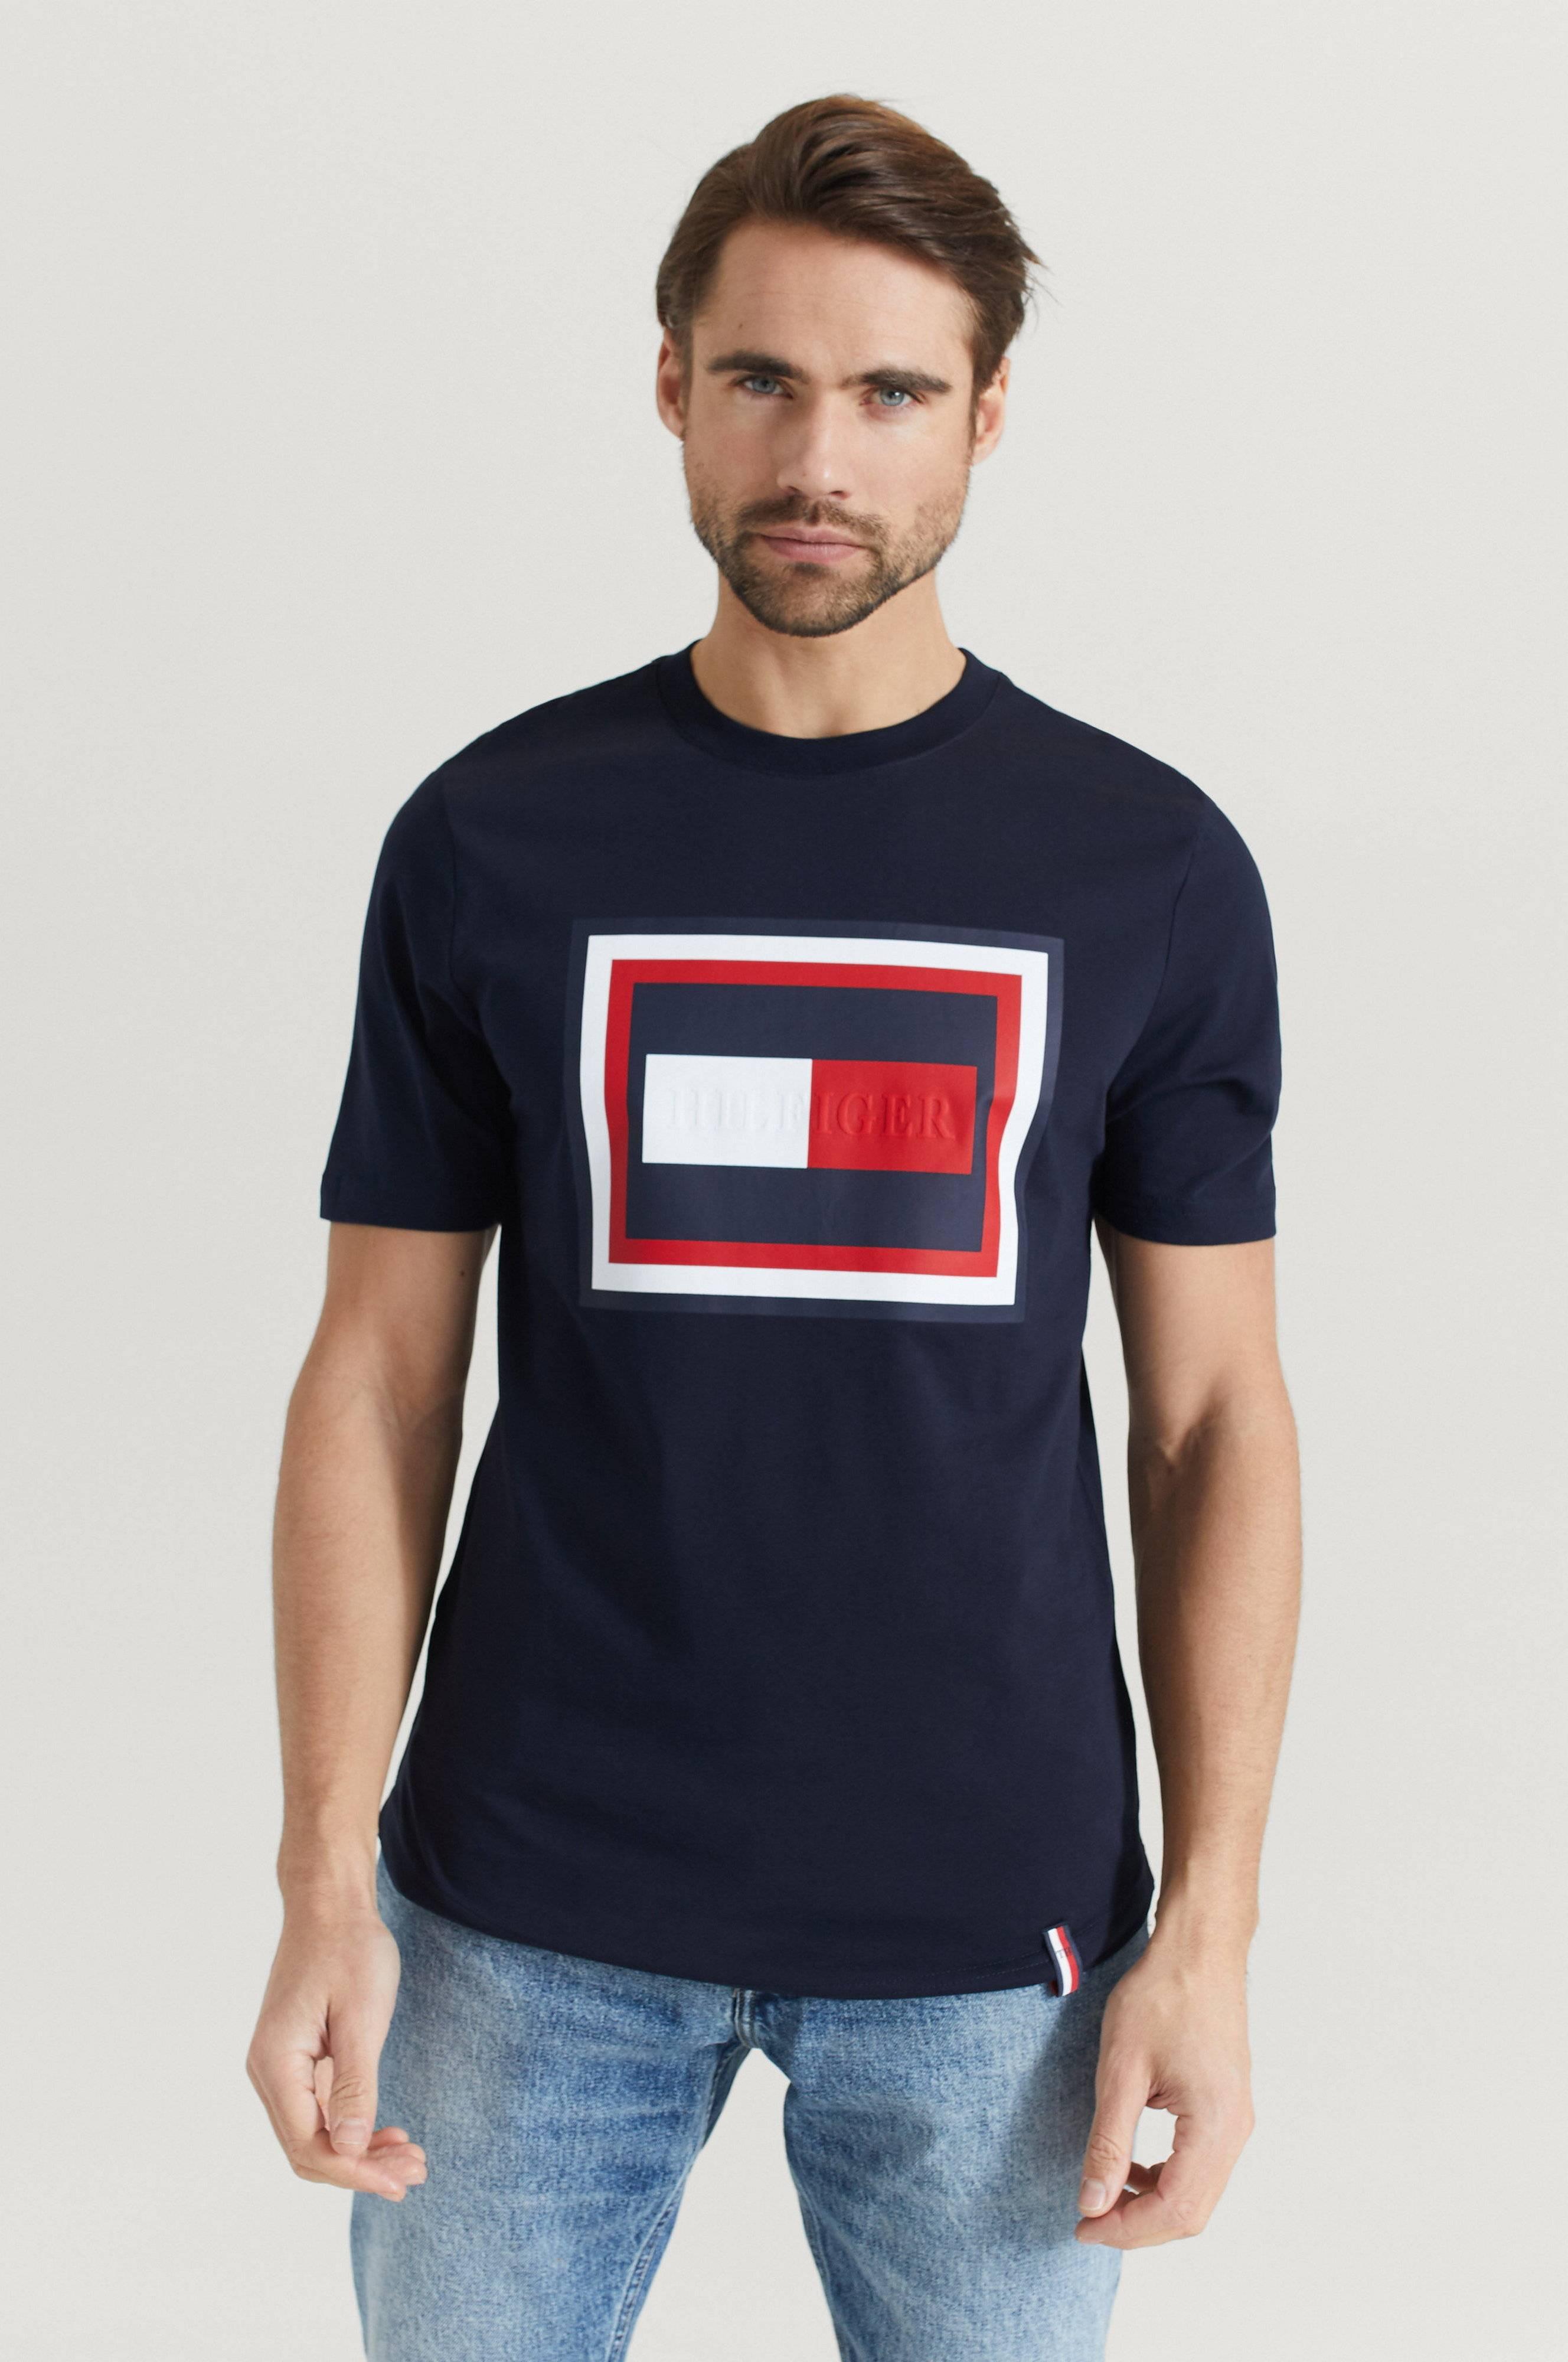 Tommy Hilfiger Hilfiger Frame Relaxed Fit Tee T-shirts & linnen Desert